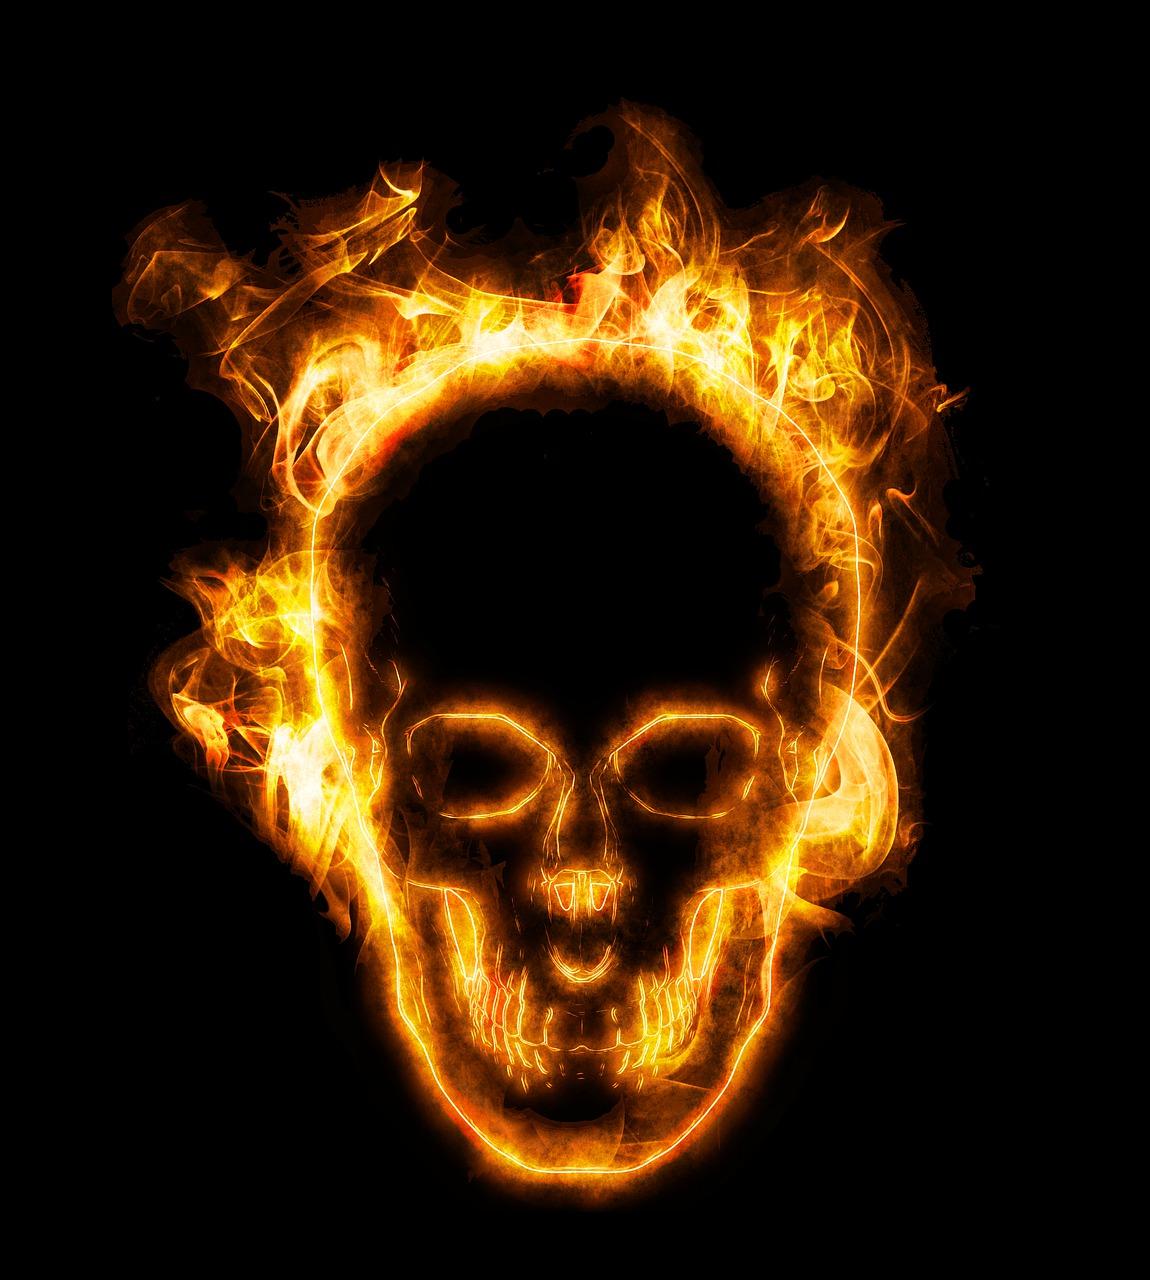 красивым картинки черепов в огне с костями розовым бантом кот